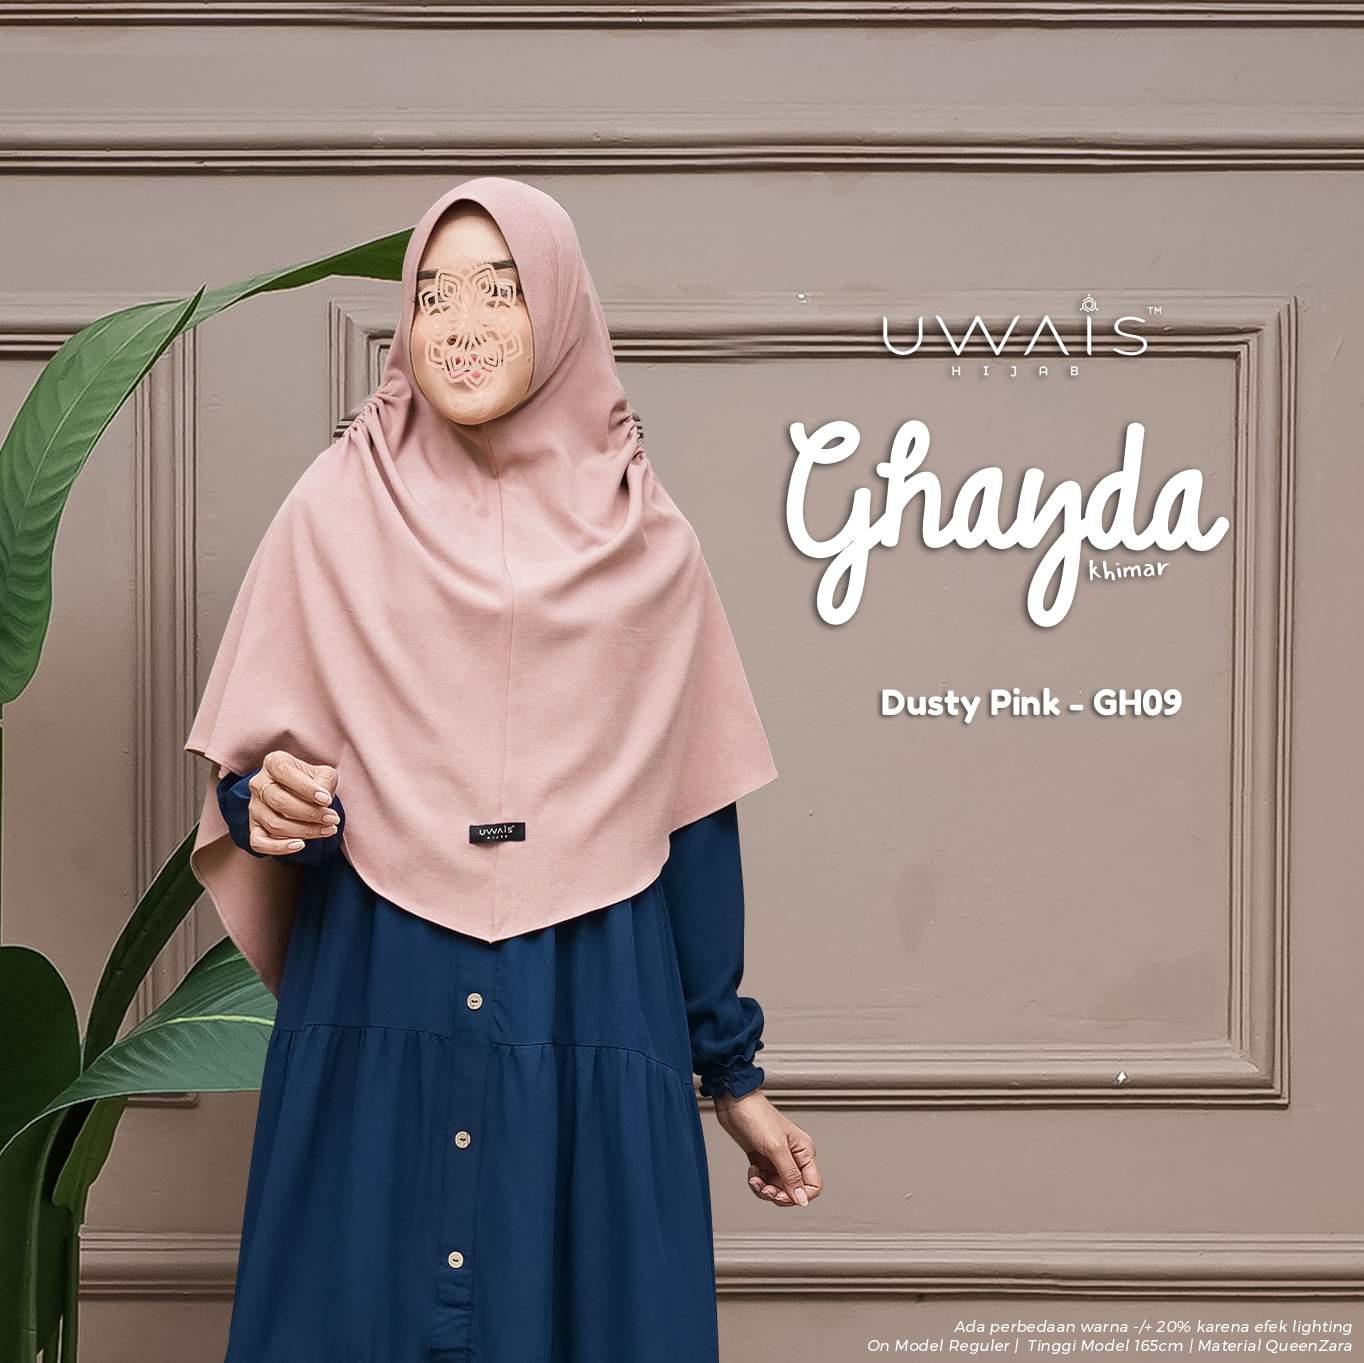 9ghayda_dusty_pink